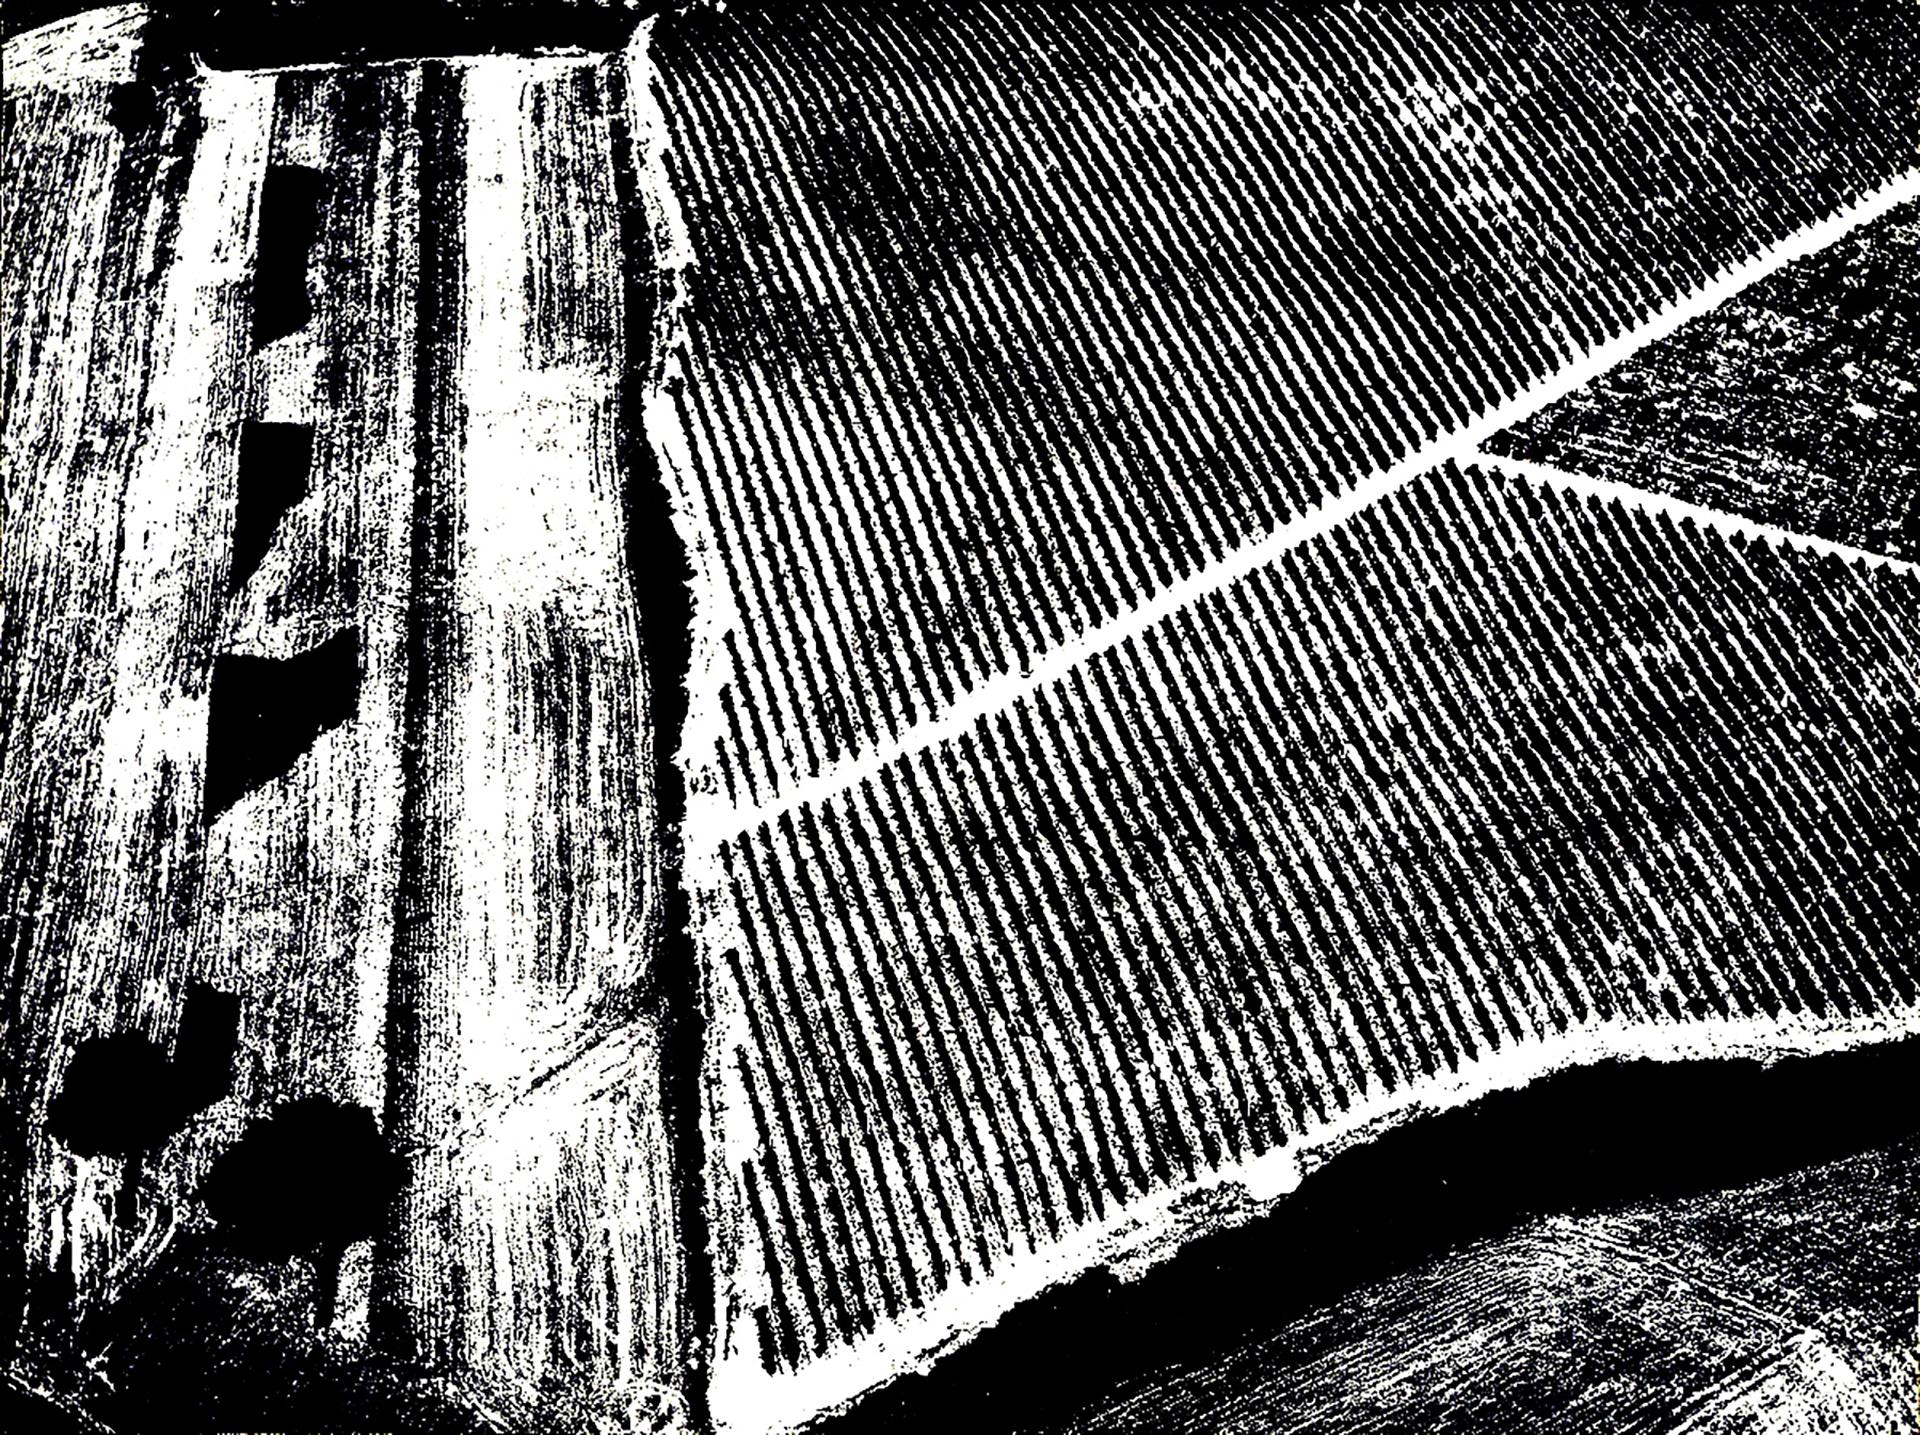 riqualificazione. le campagne fotografate da Giacomelli, fonte di ispirazione per le scelte progettuali delle sistemazioni a verde, delle aree interessate dall'intervento di riqualificazione.